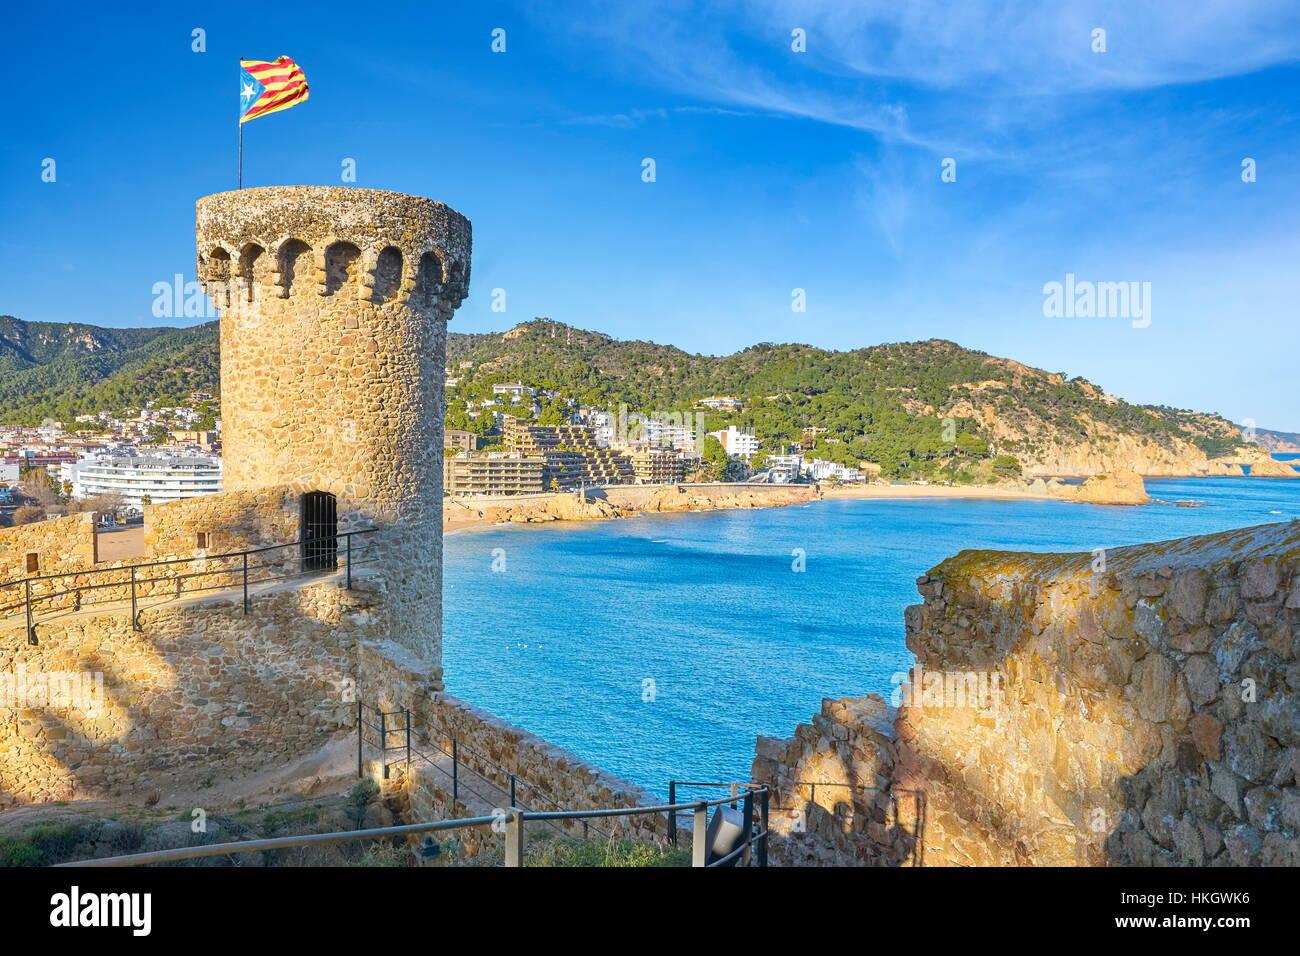 Tossa del Mar, Costa Brava, Catalonia, Spain - Stock Image